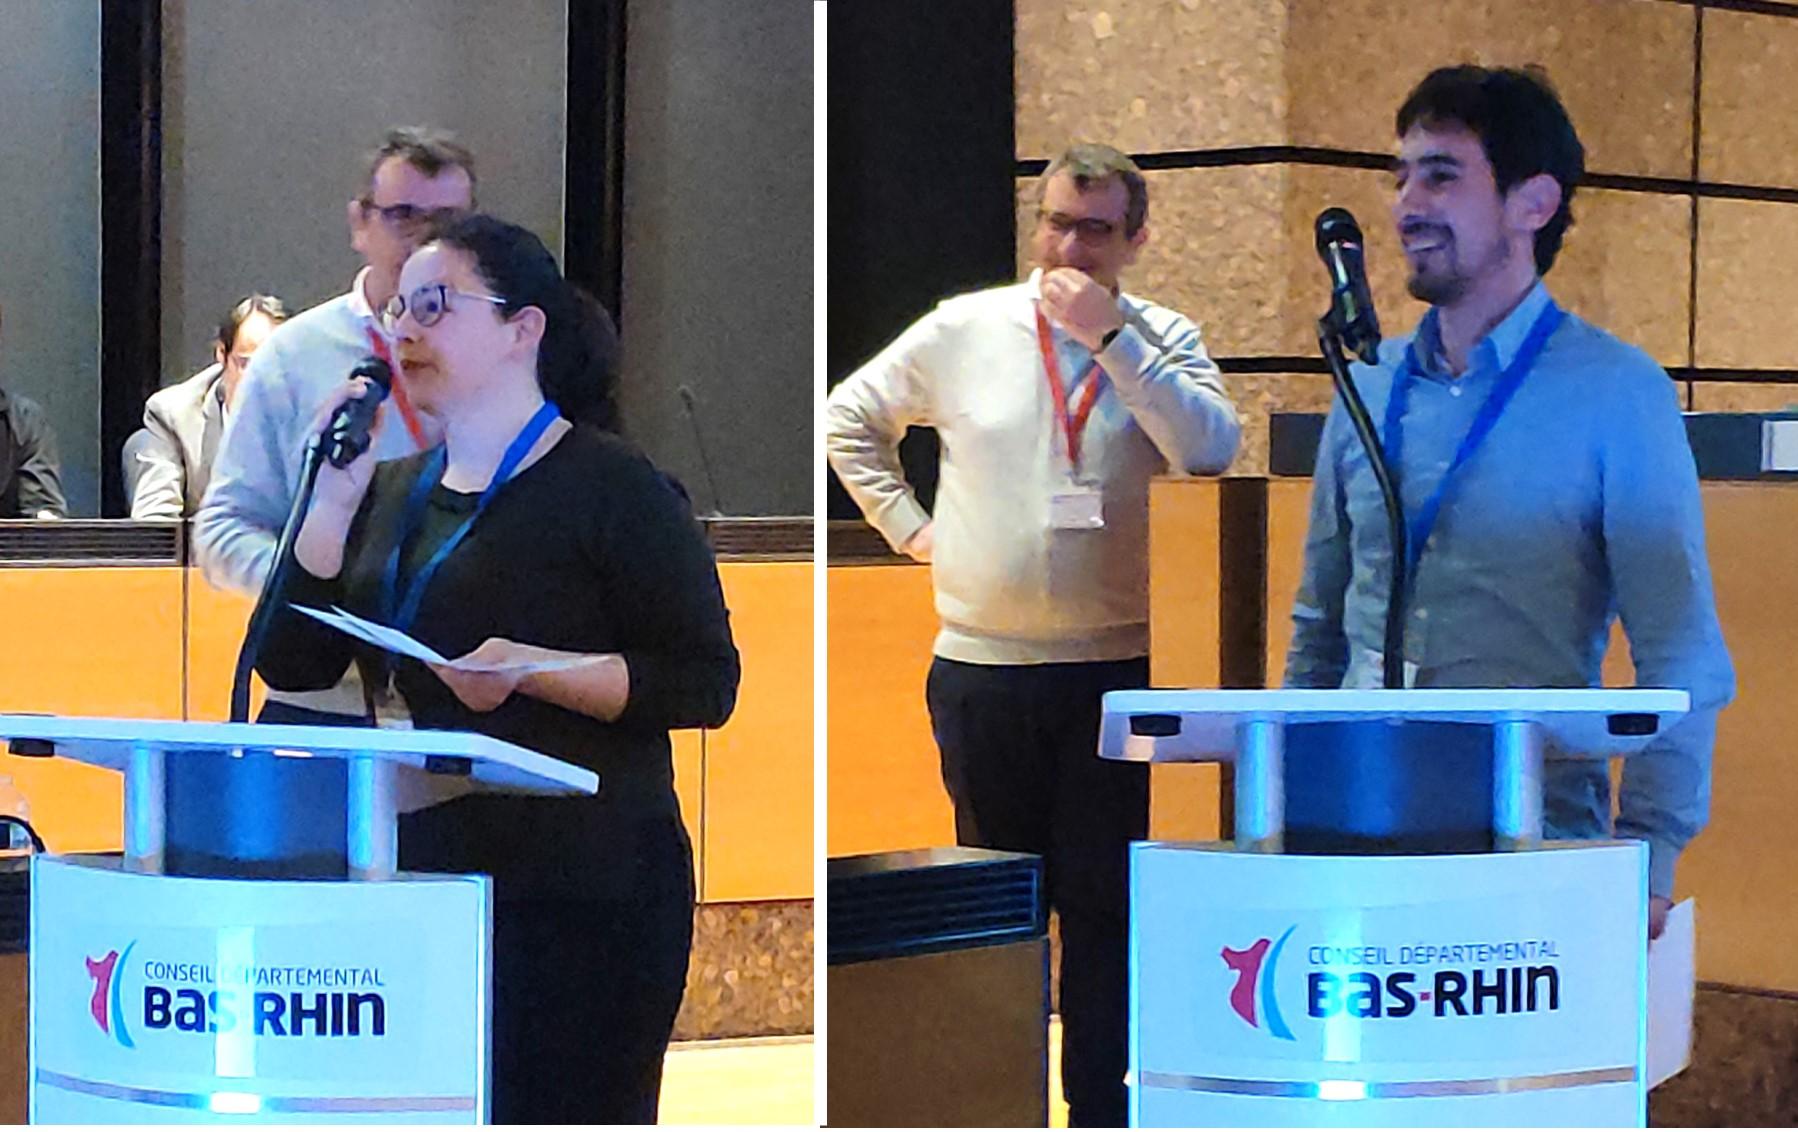 Remise des prix posters lors du congrès SFRMBM 2019